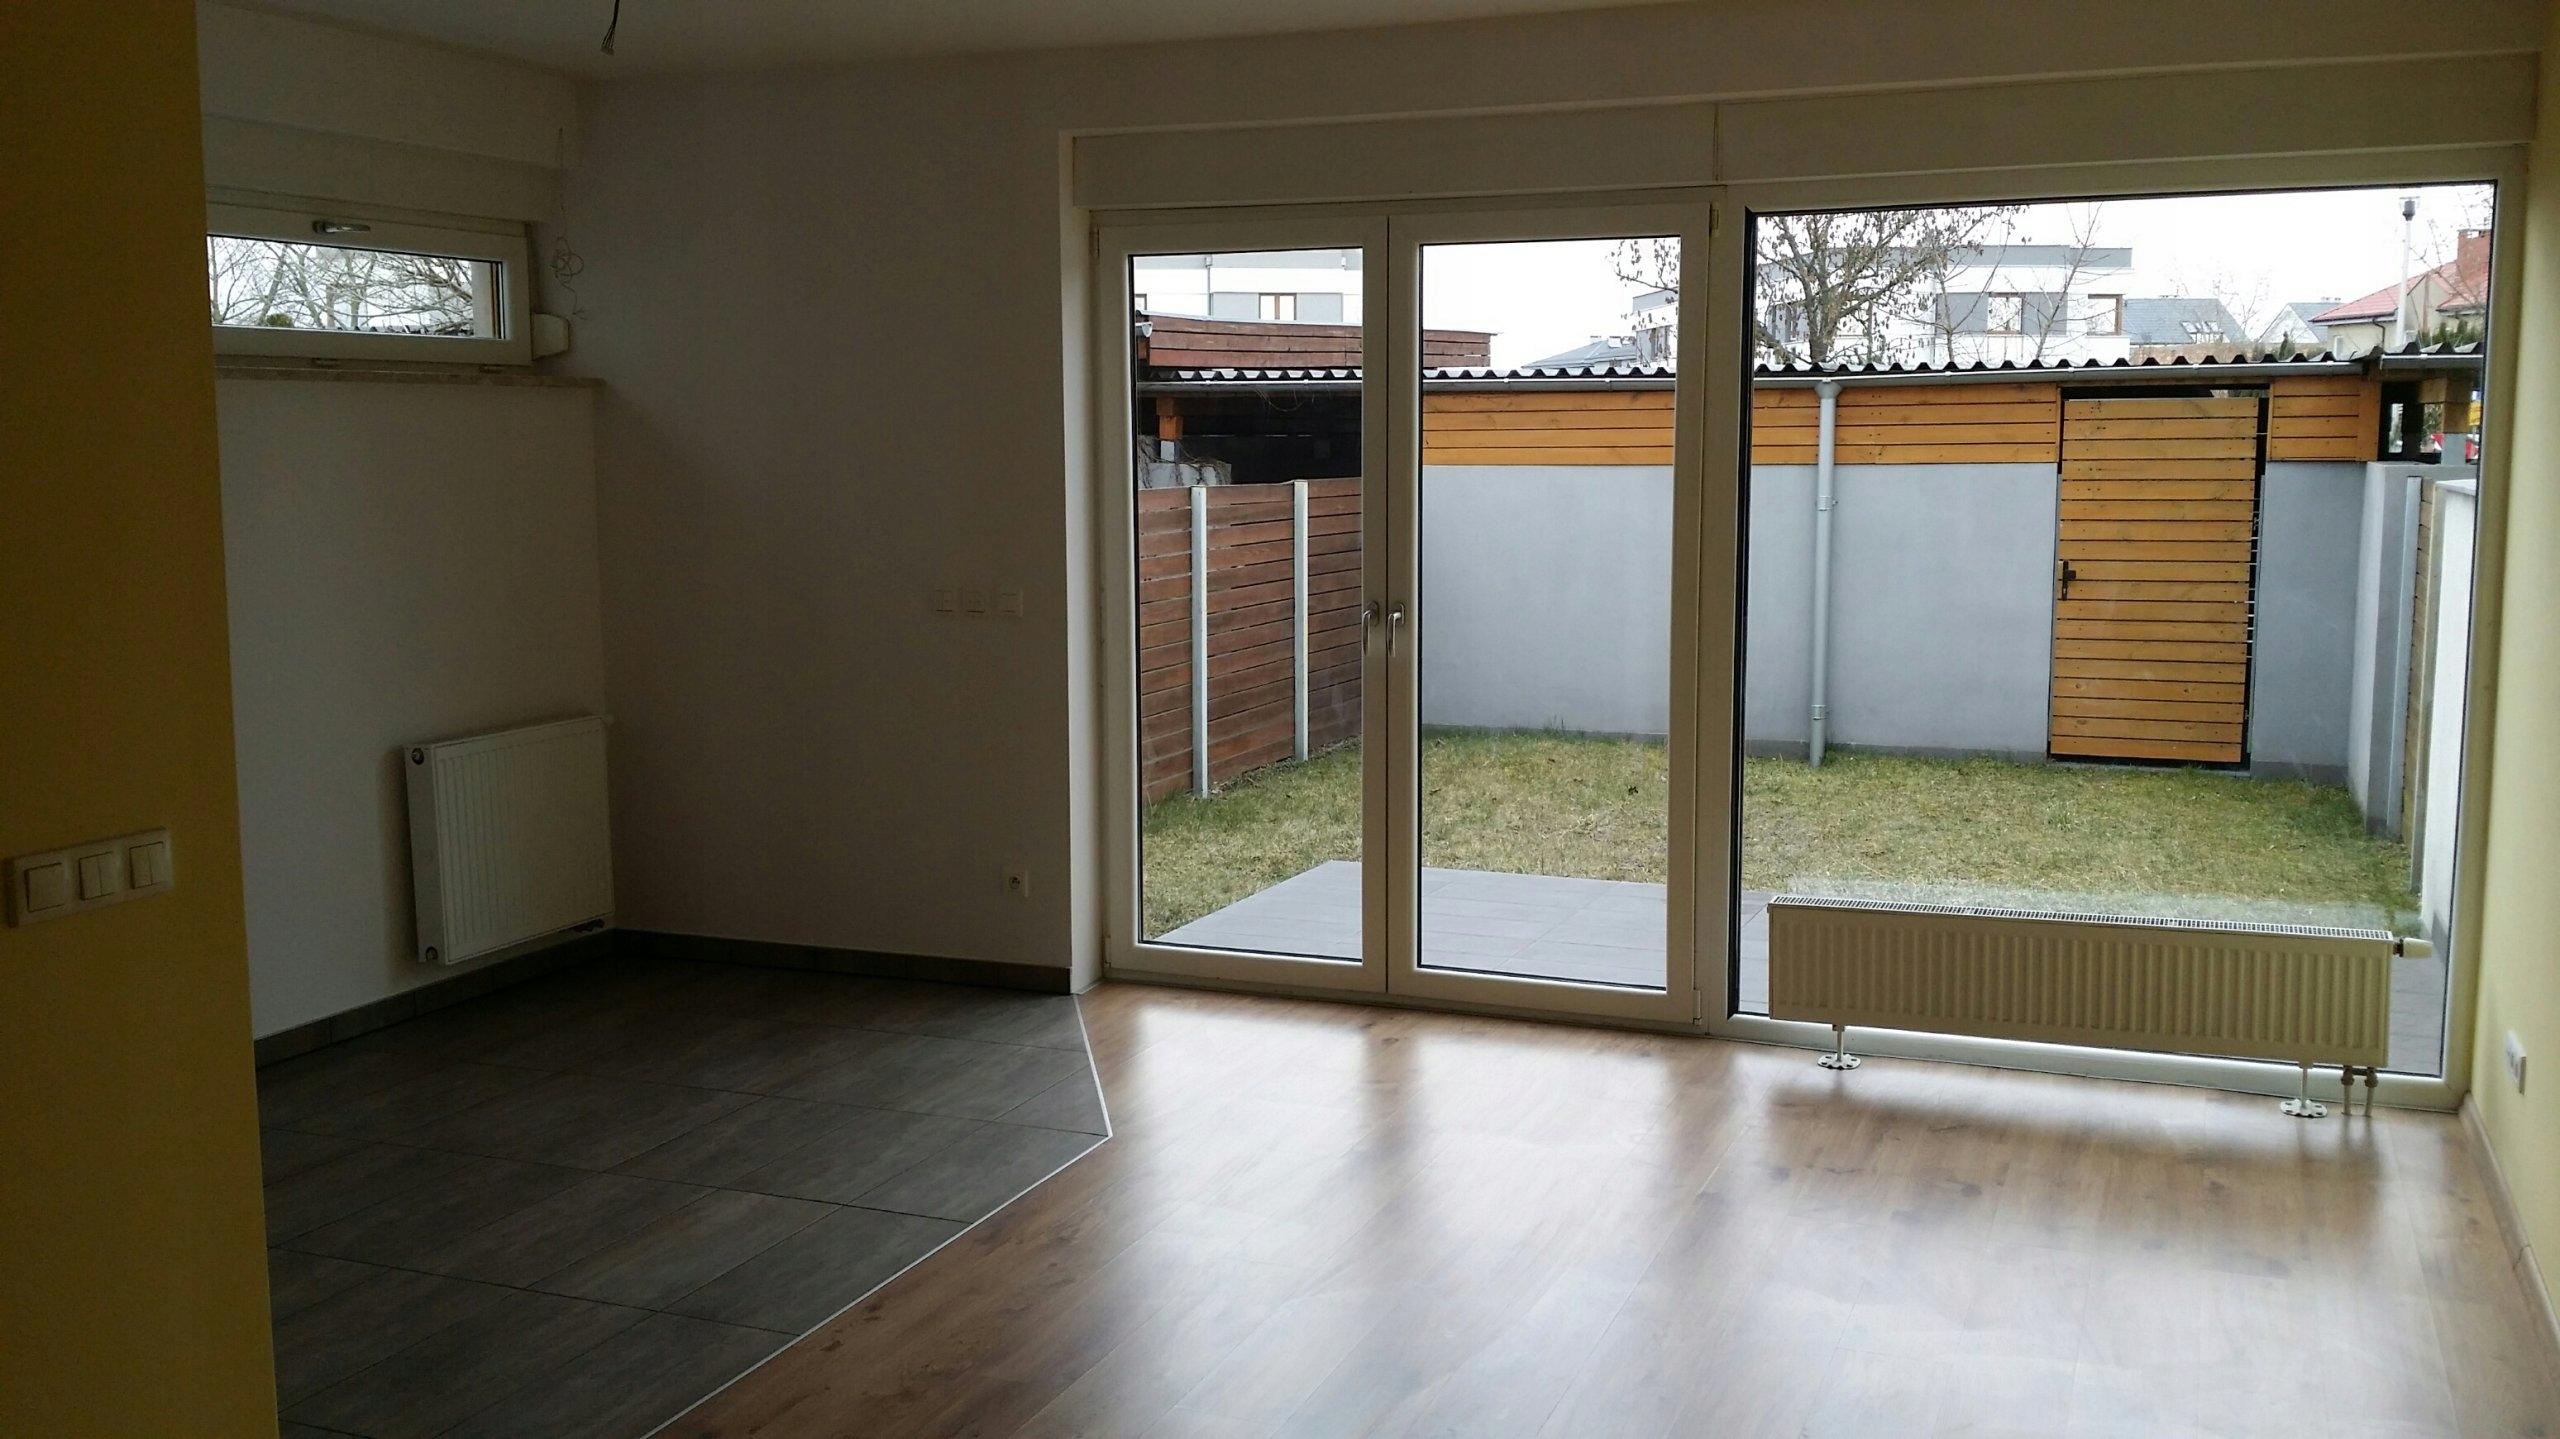 Aktualne Mieszkanie Poznań-Dąbrówka bezpośrednio sprzedam - 7390258789 VX52